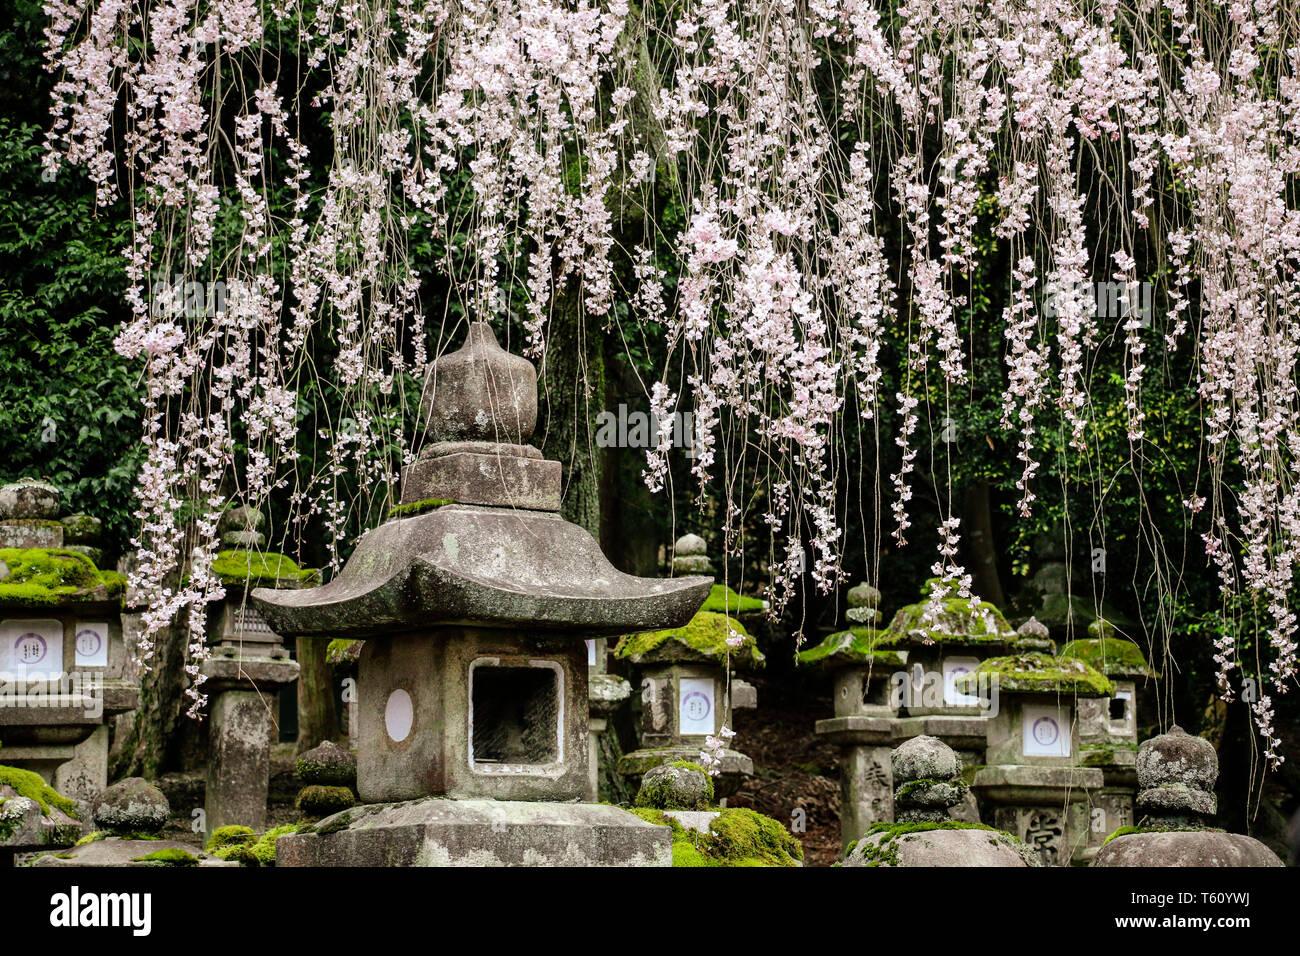 Old stone japanese lanterns and flowering branches sakura in Kasuga Grand Shrine, Nara, Japan - Stock Image